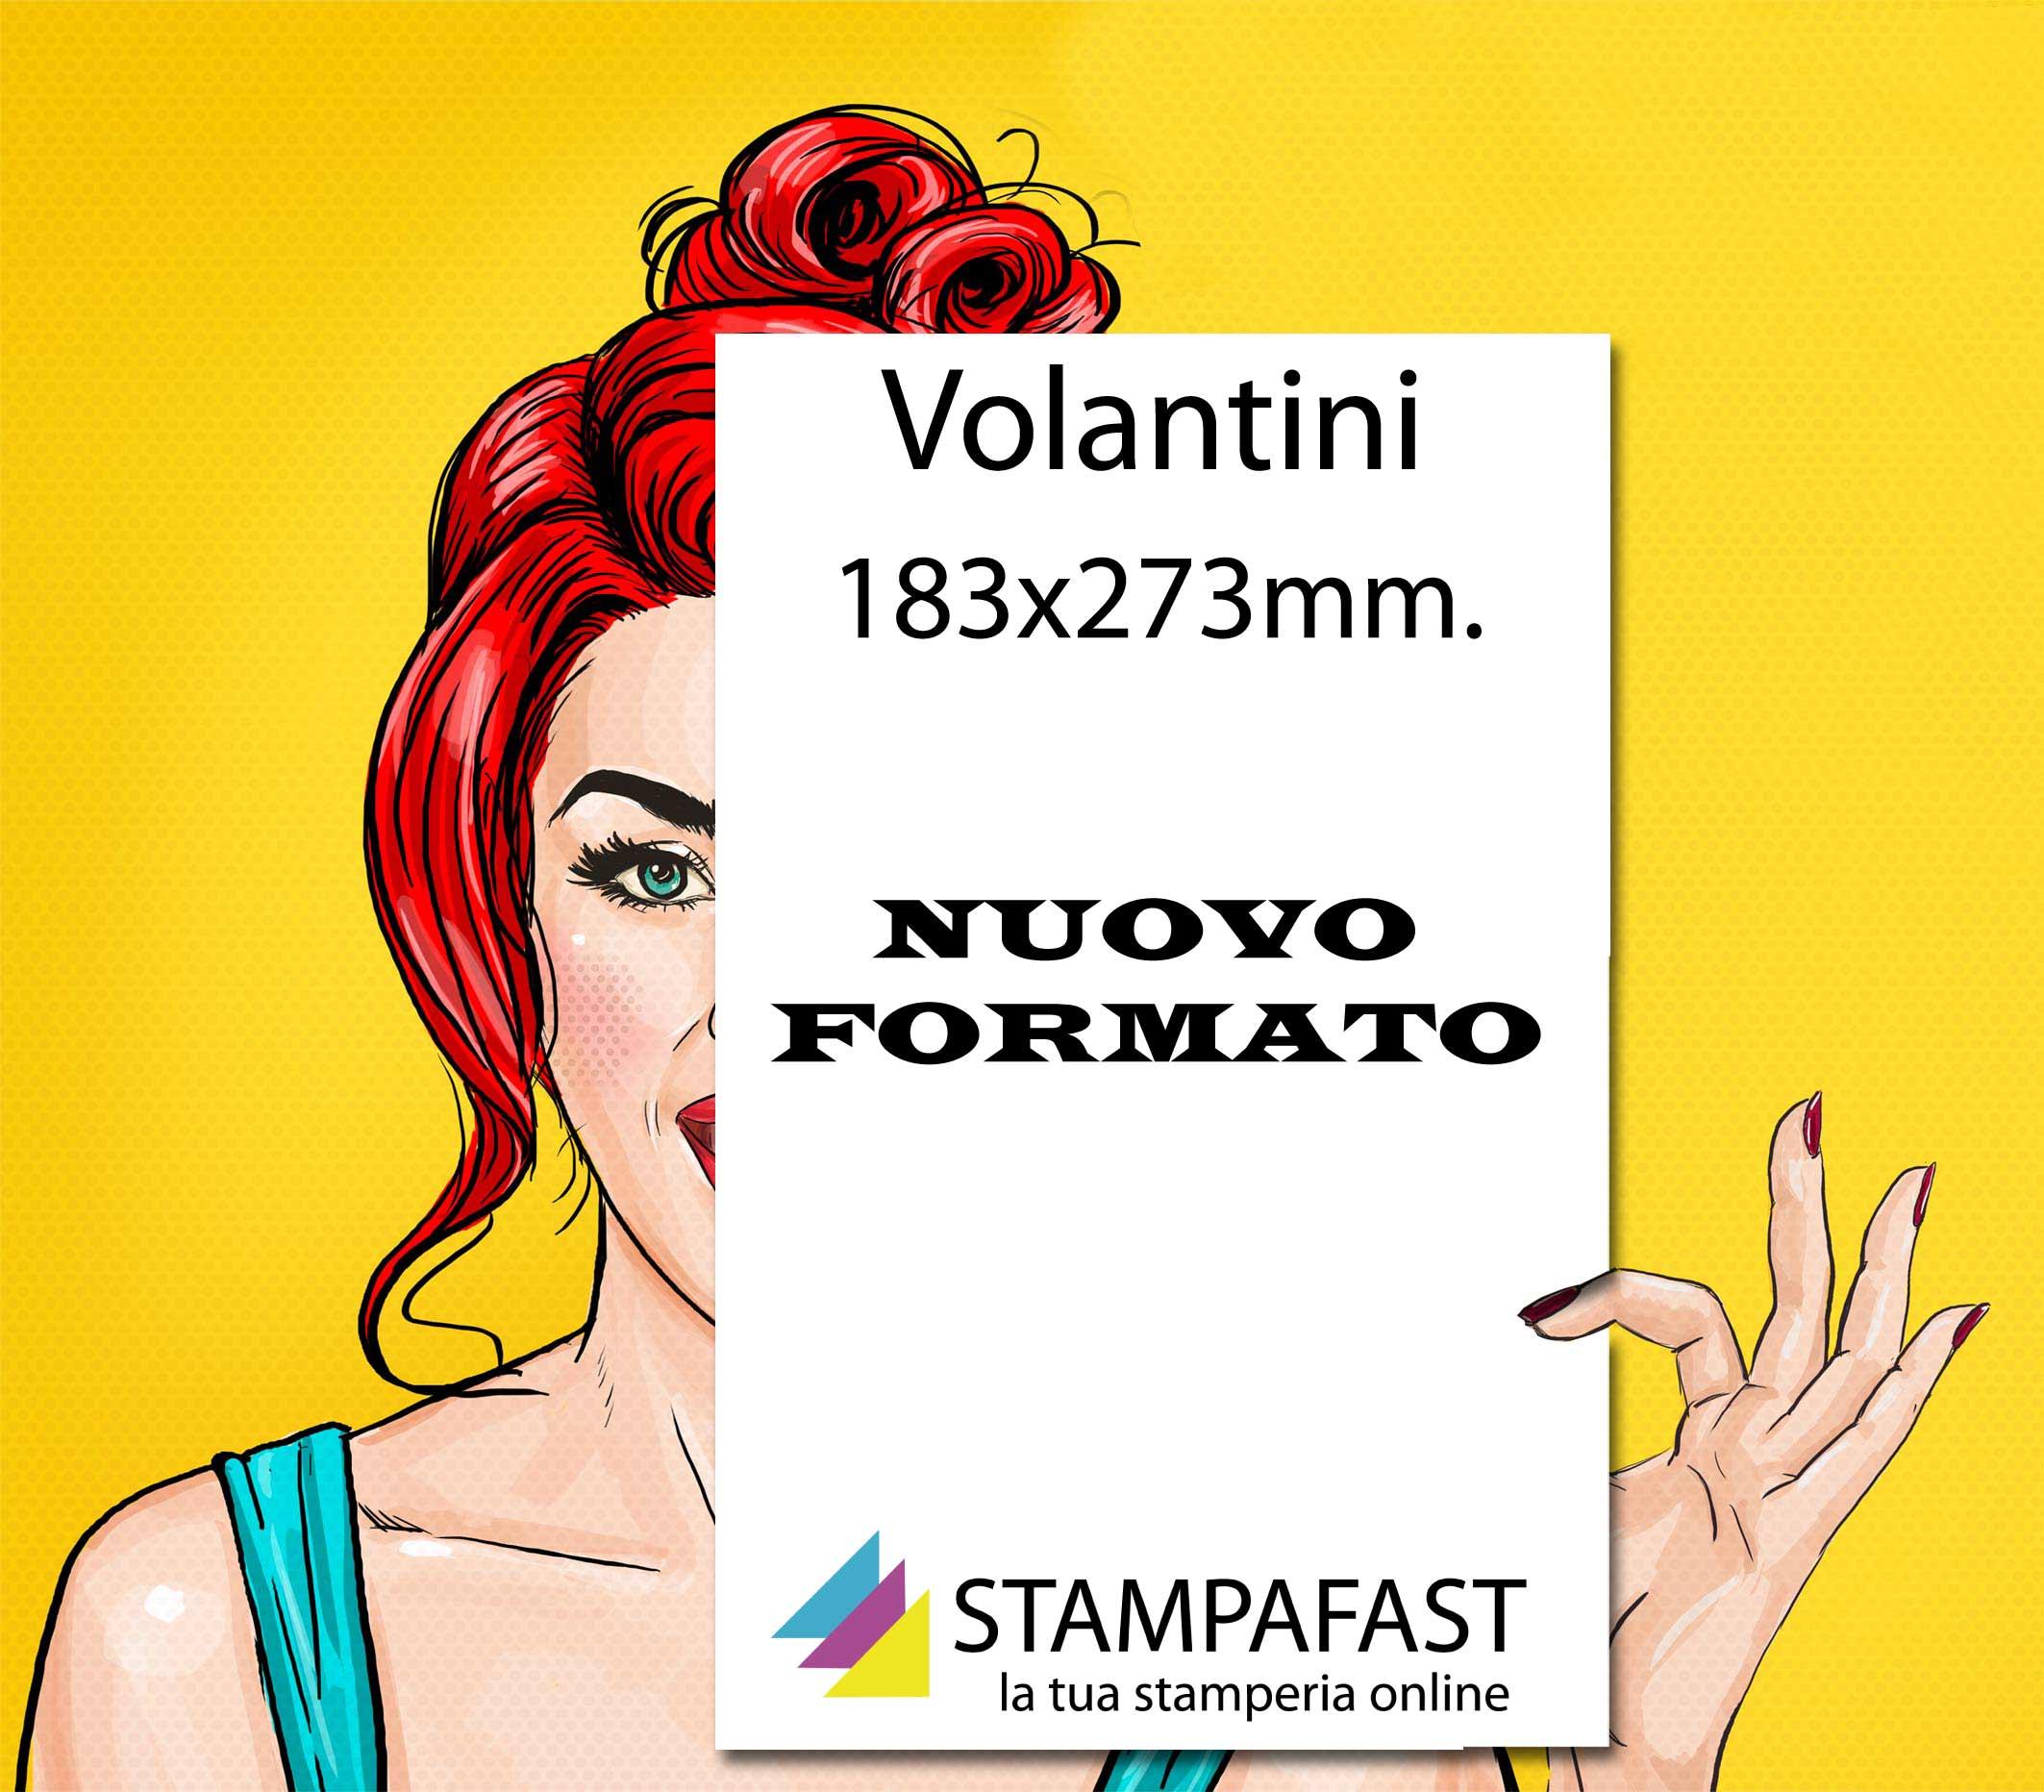 Volantini 183x273